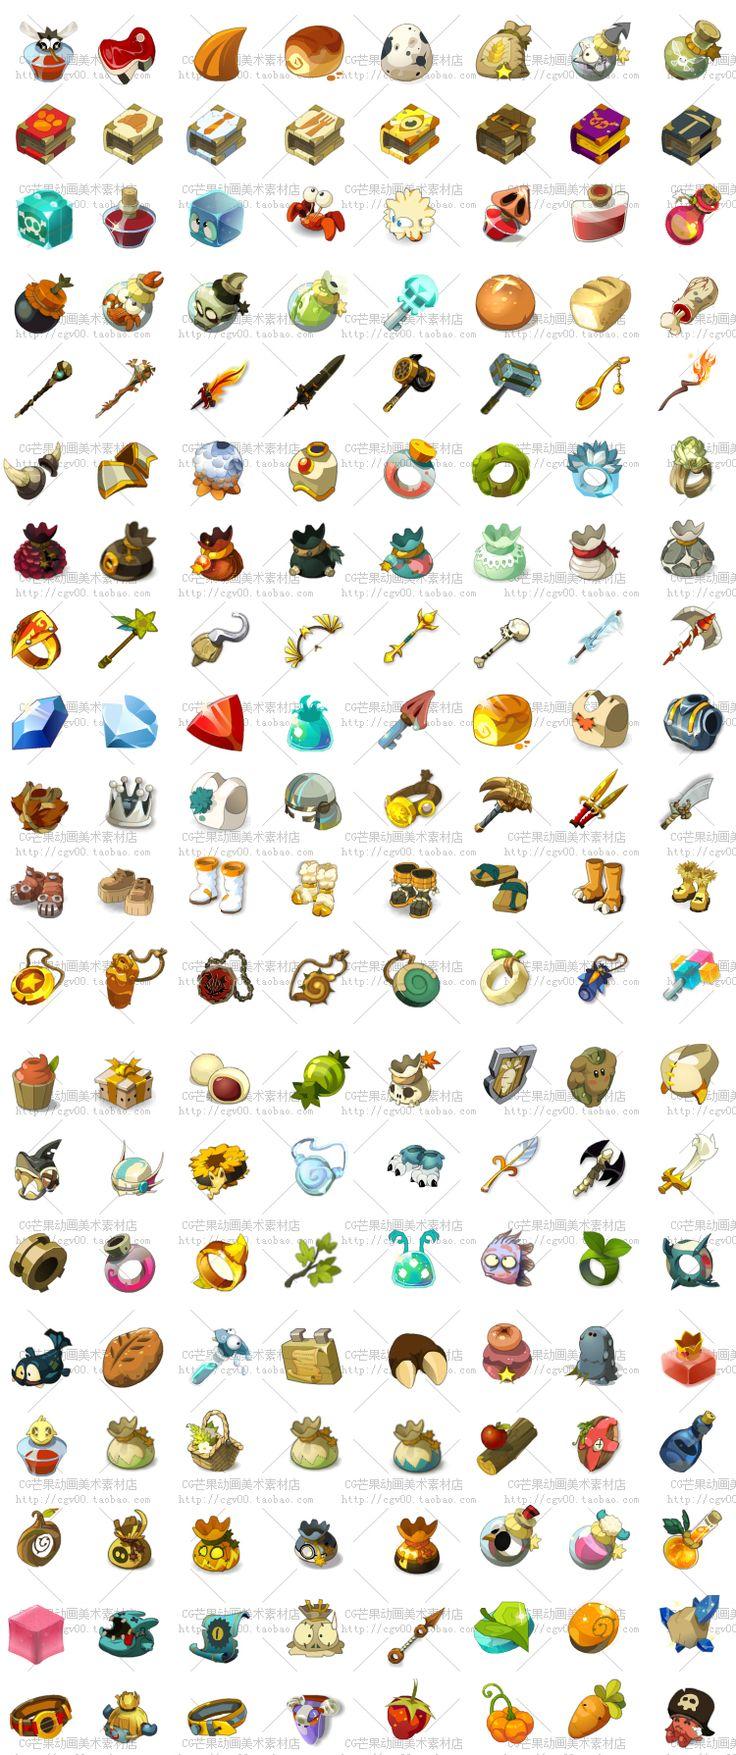 游戏美术资源/2D资源 Q版卡通UI素材/界面/图标ICON【Wakfu沃土】-淘宝网